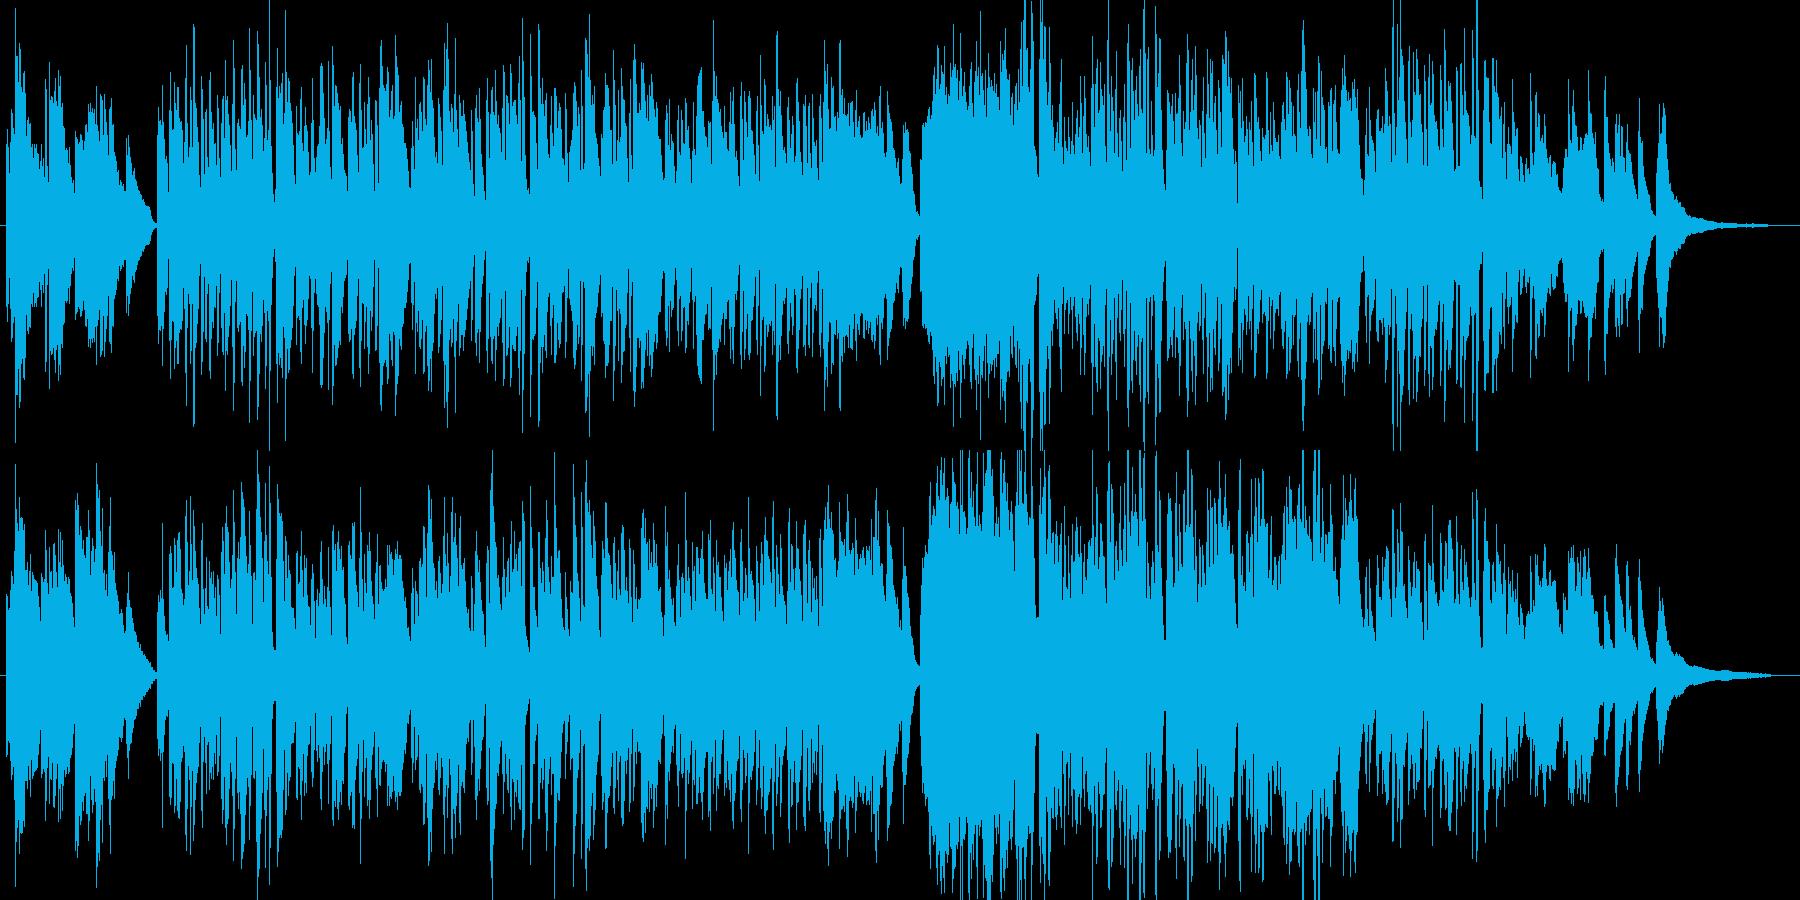 オシャレで上品な和風クラシック・伴奏版の再生済みの波形